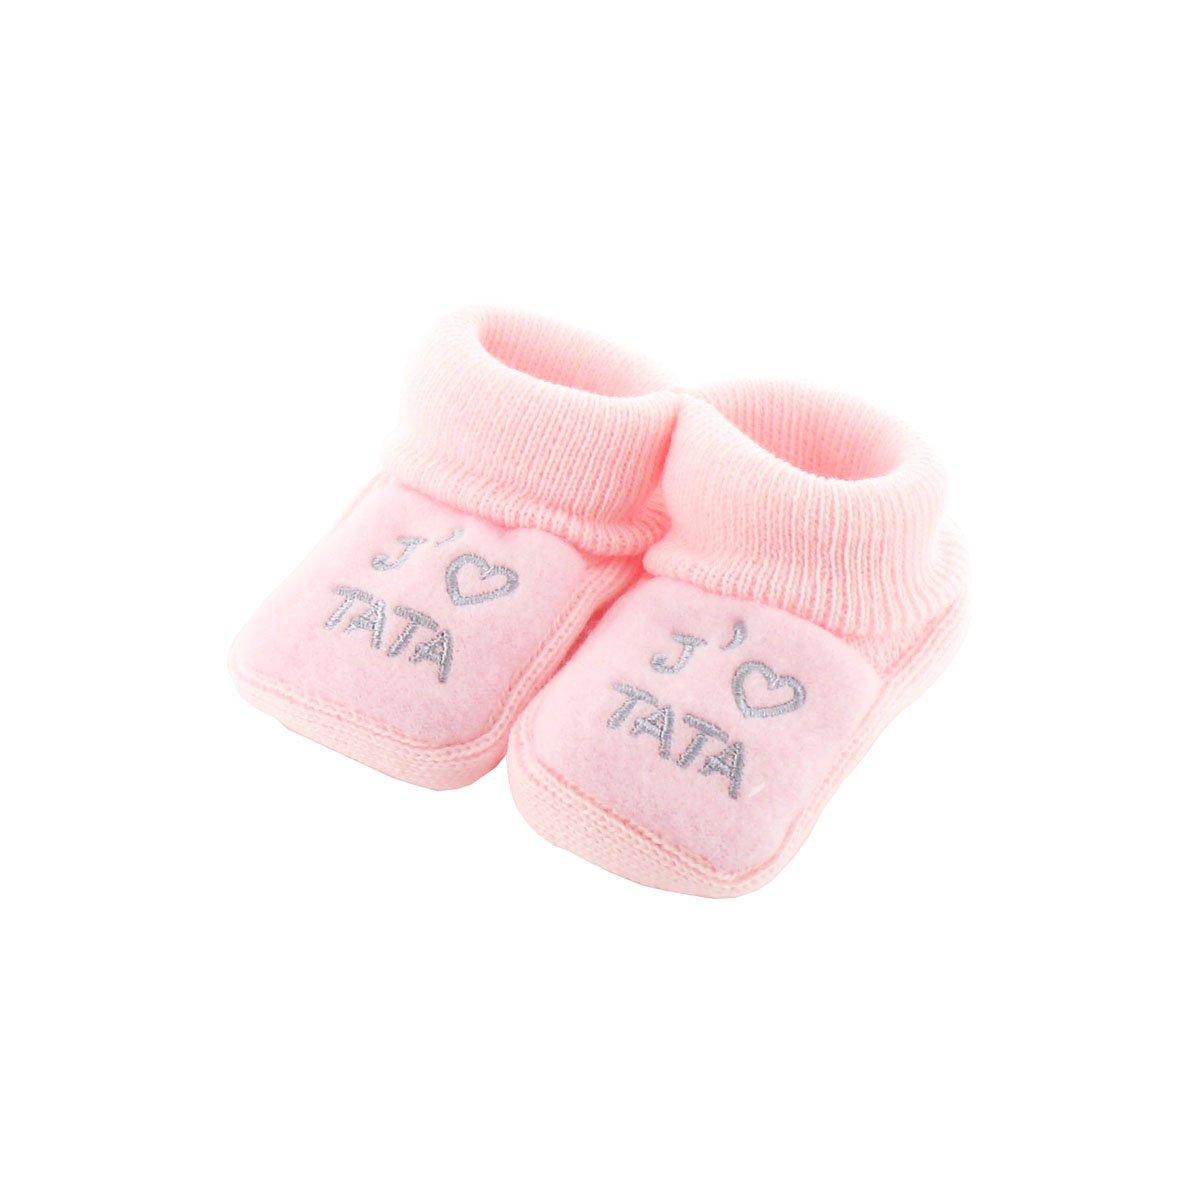 Chaussons pour bébé 0 à 3 Mois rose - J'aime tata Fruit de ma Passion